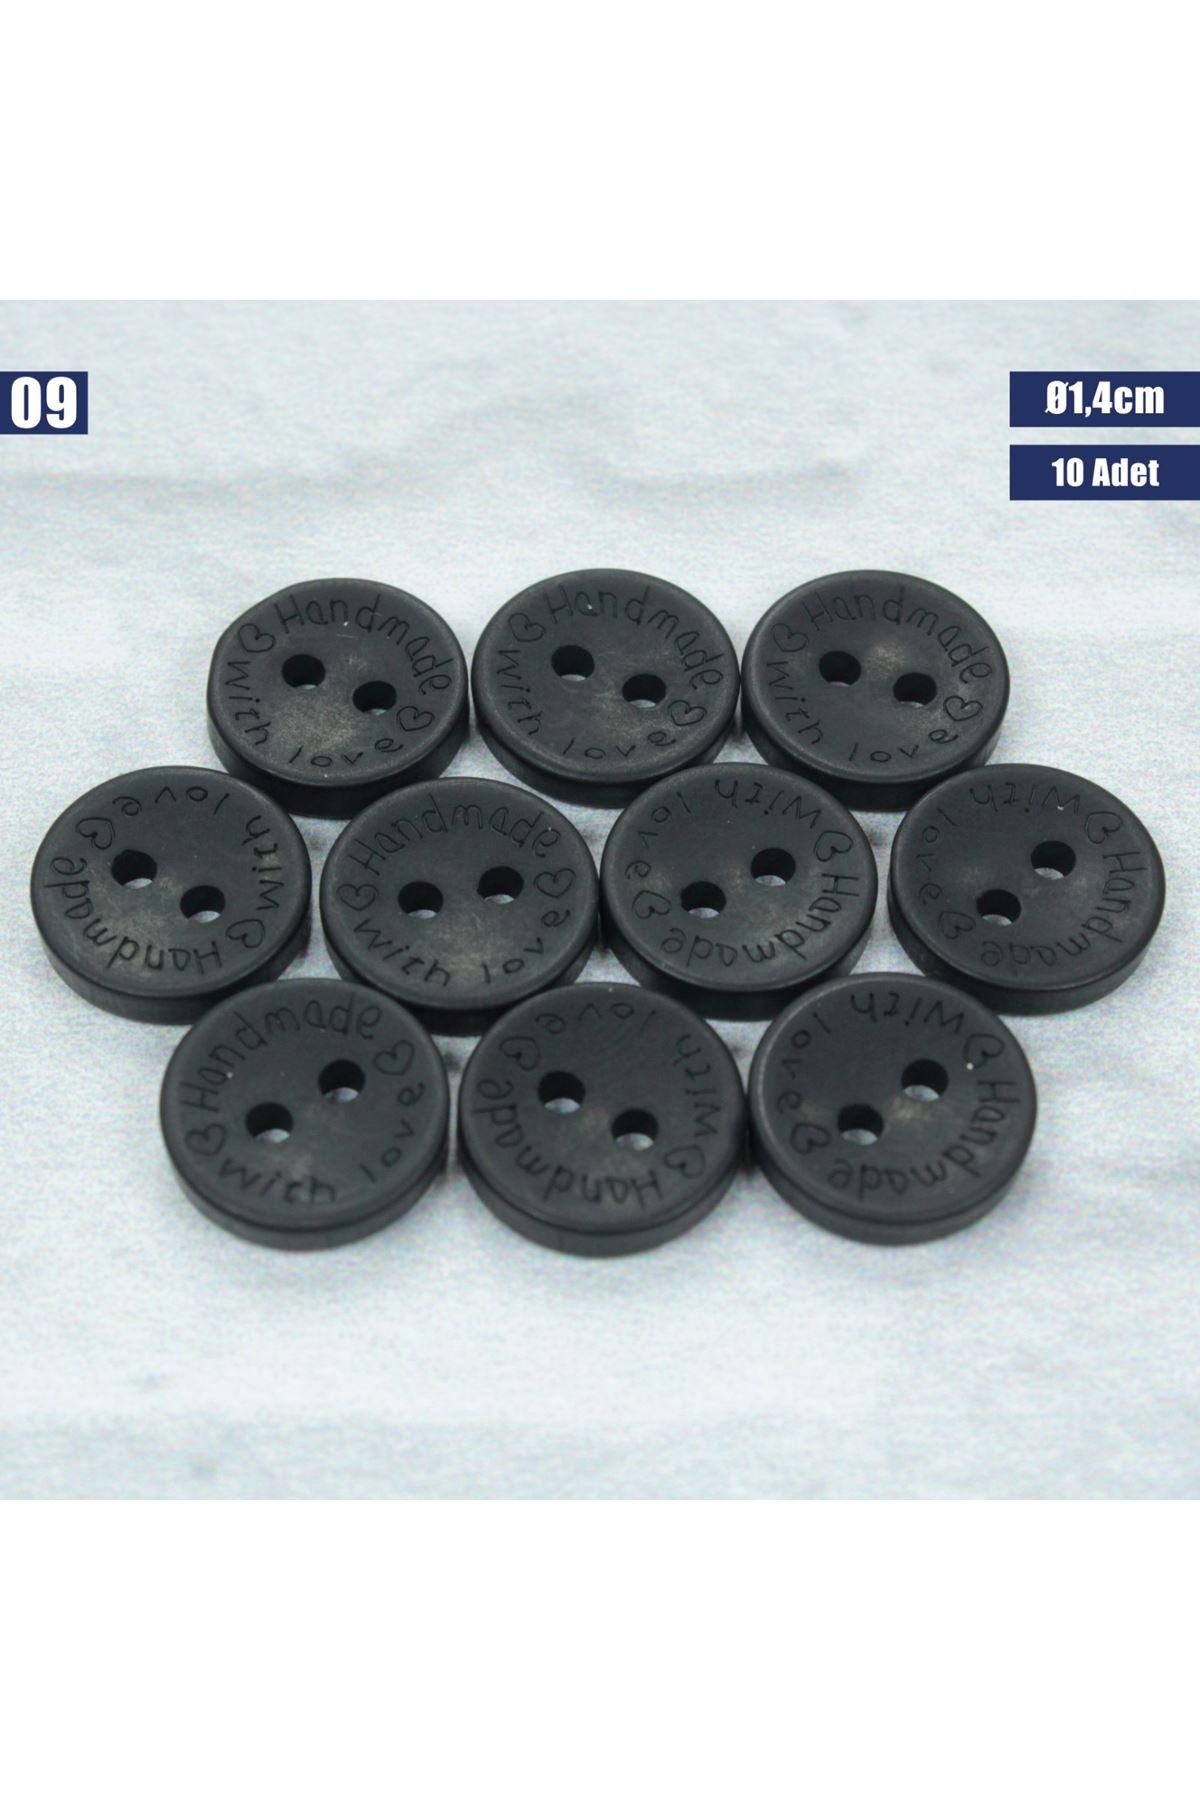 Amigurumi Düğmesi Ø 1,4cm - 09